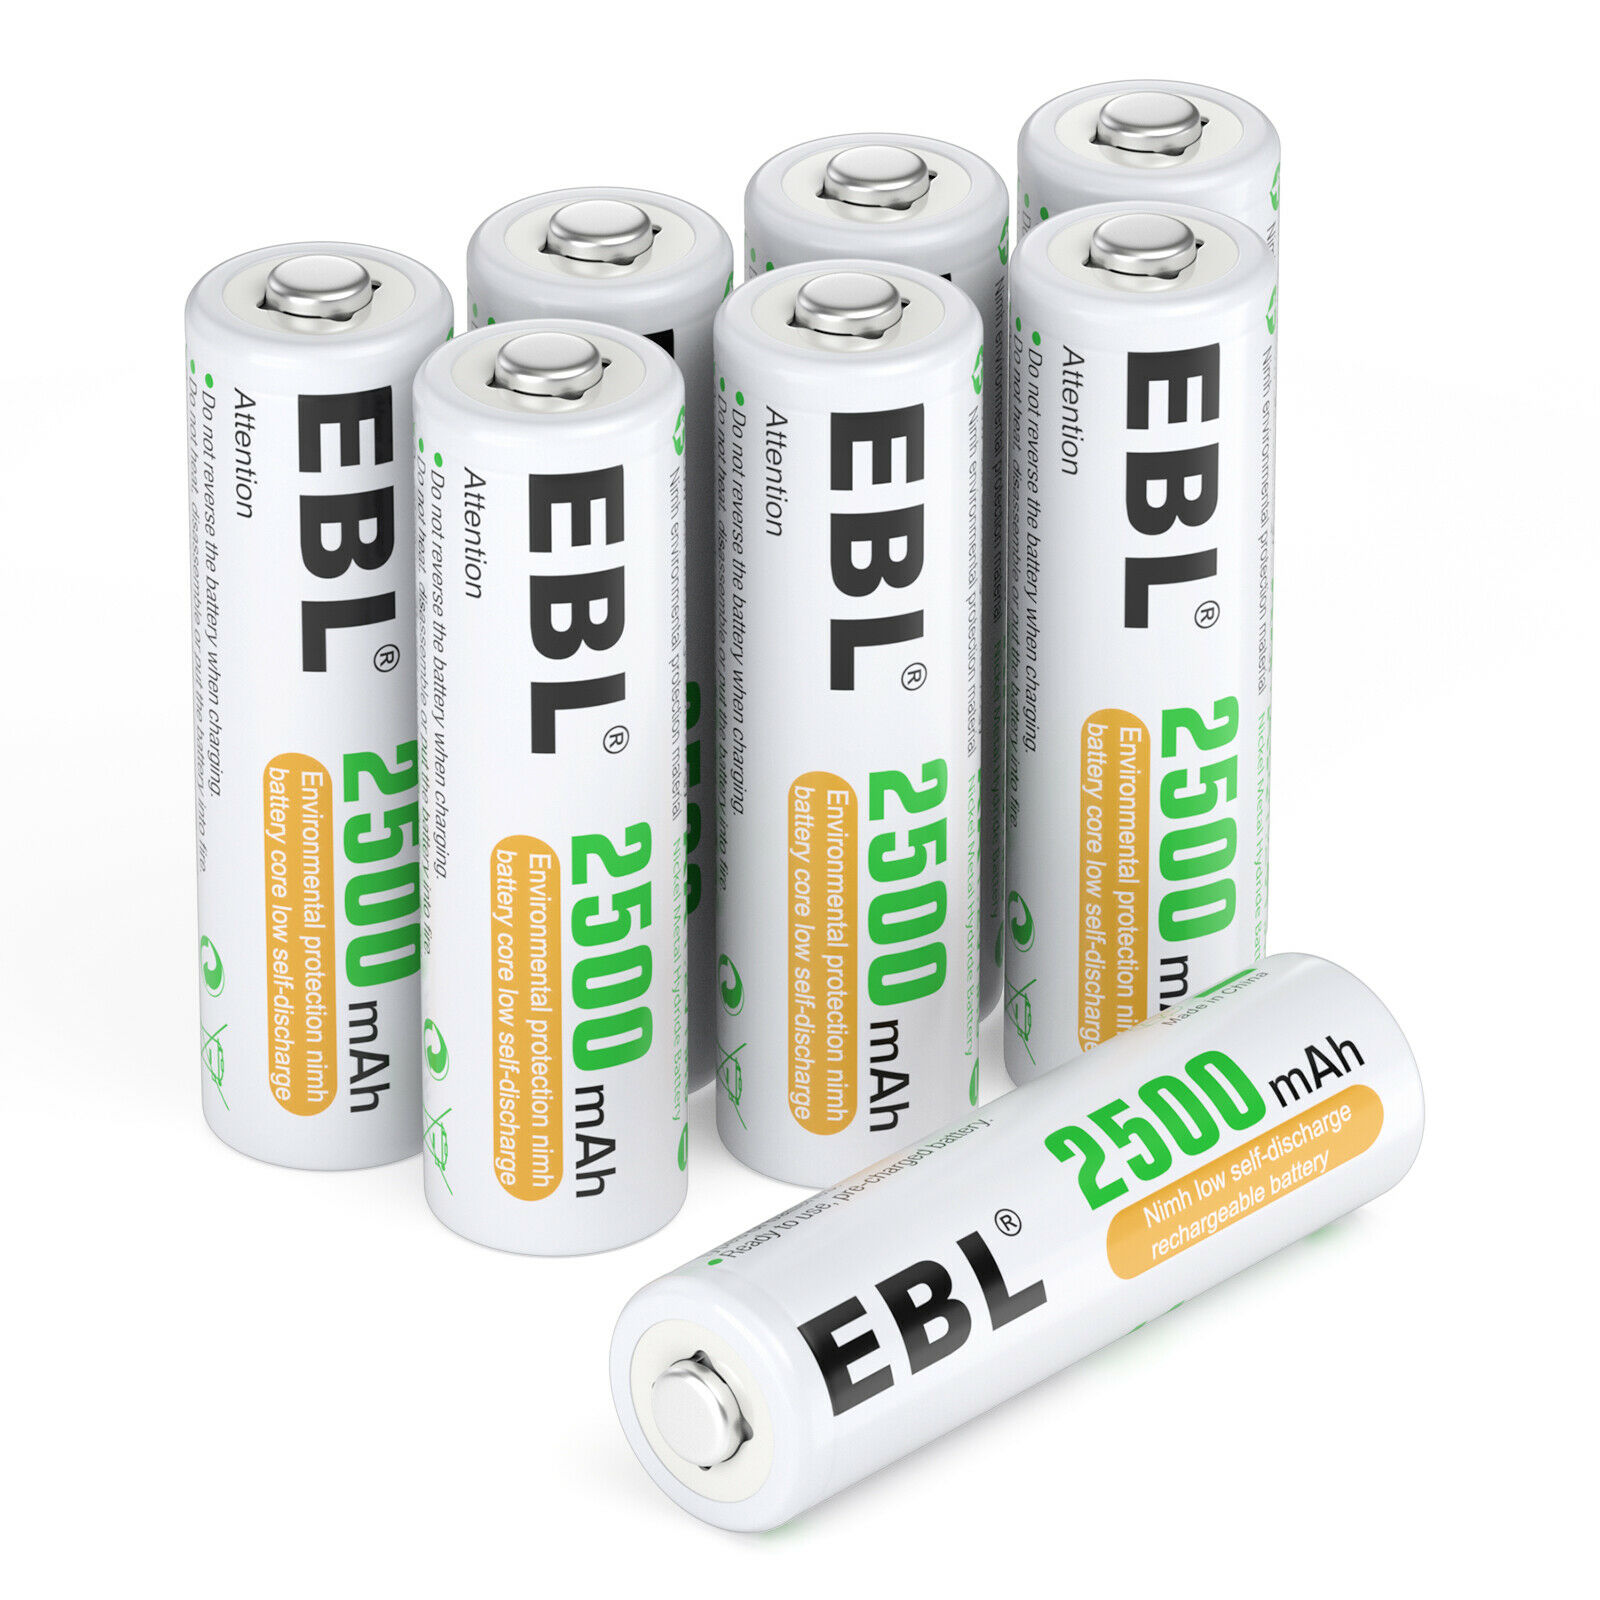 AA AAA Rechargeable Batteries Lot 800mAh 1100mAh 2300mah 2800mah  LCD Charger